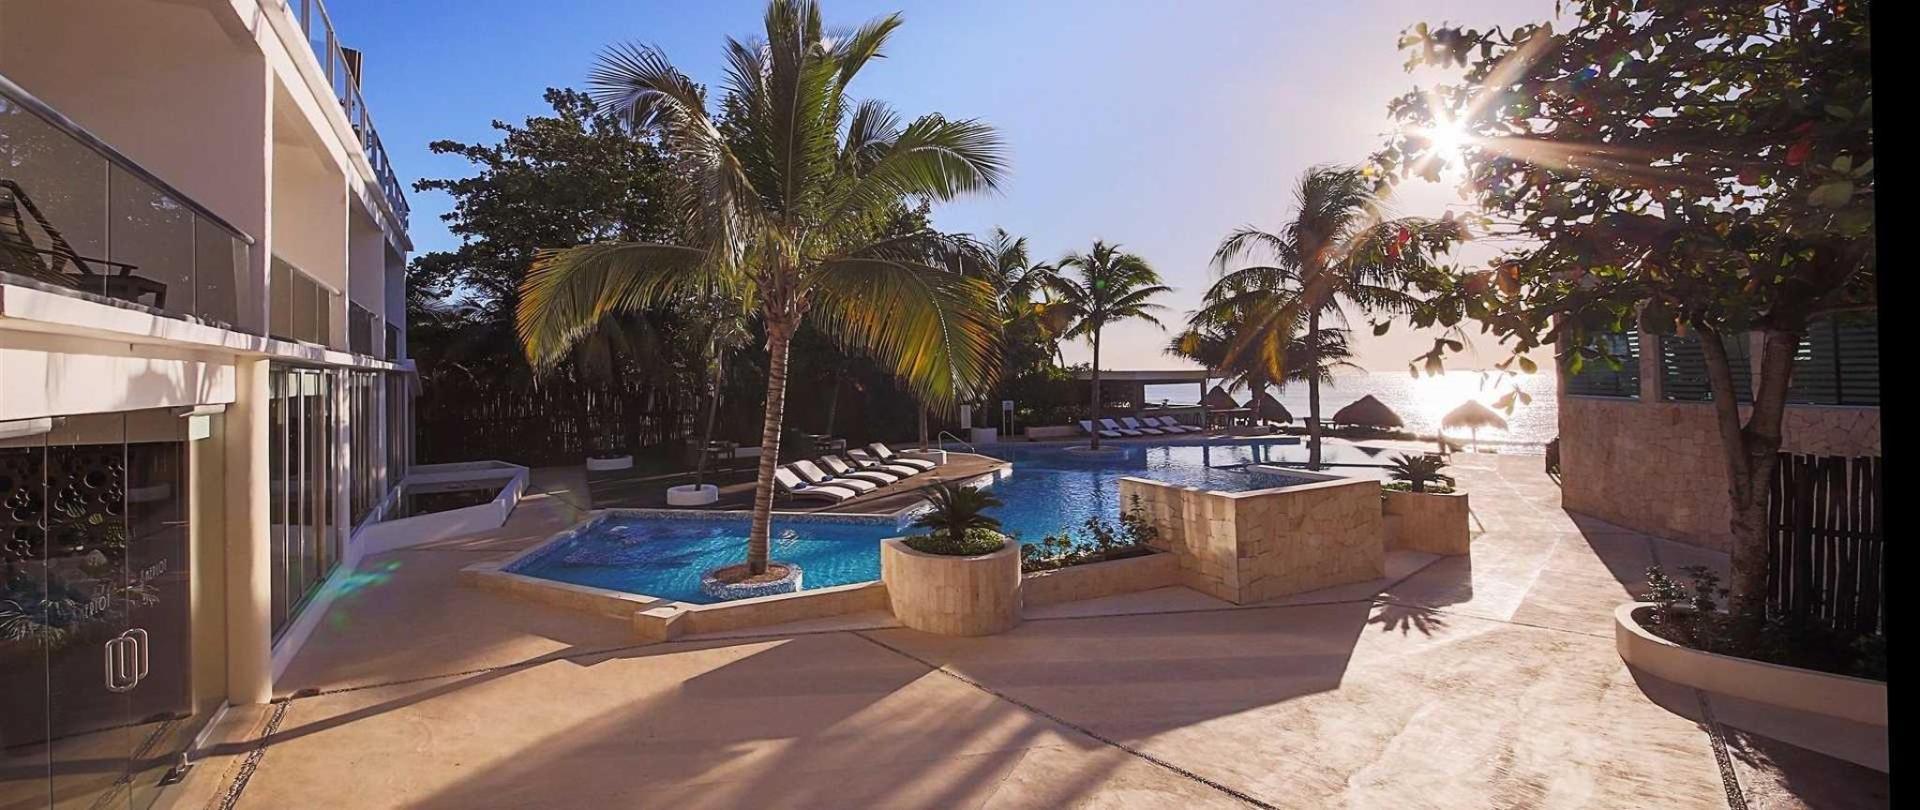 Le Reve Hotel & Spa - Boutique Beachfront